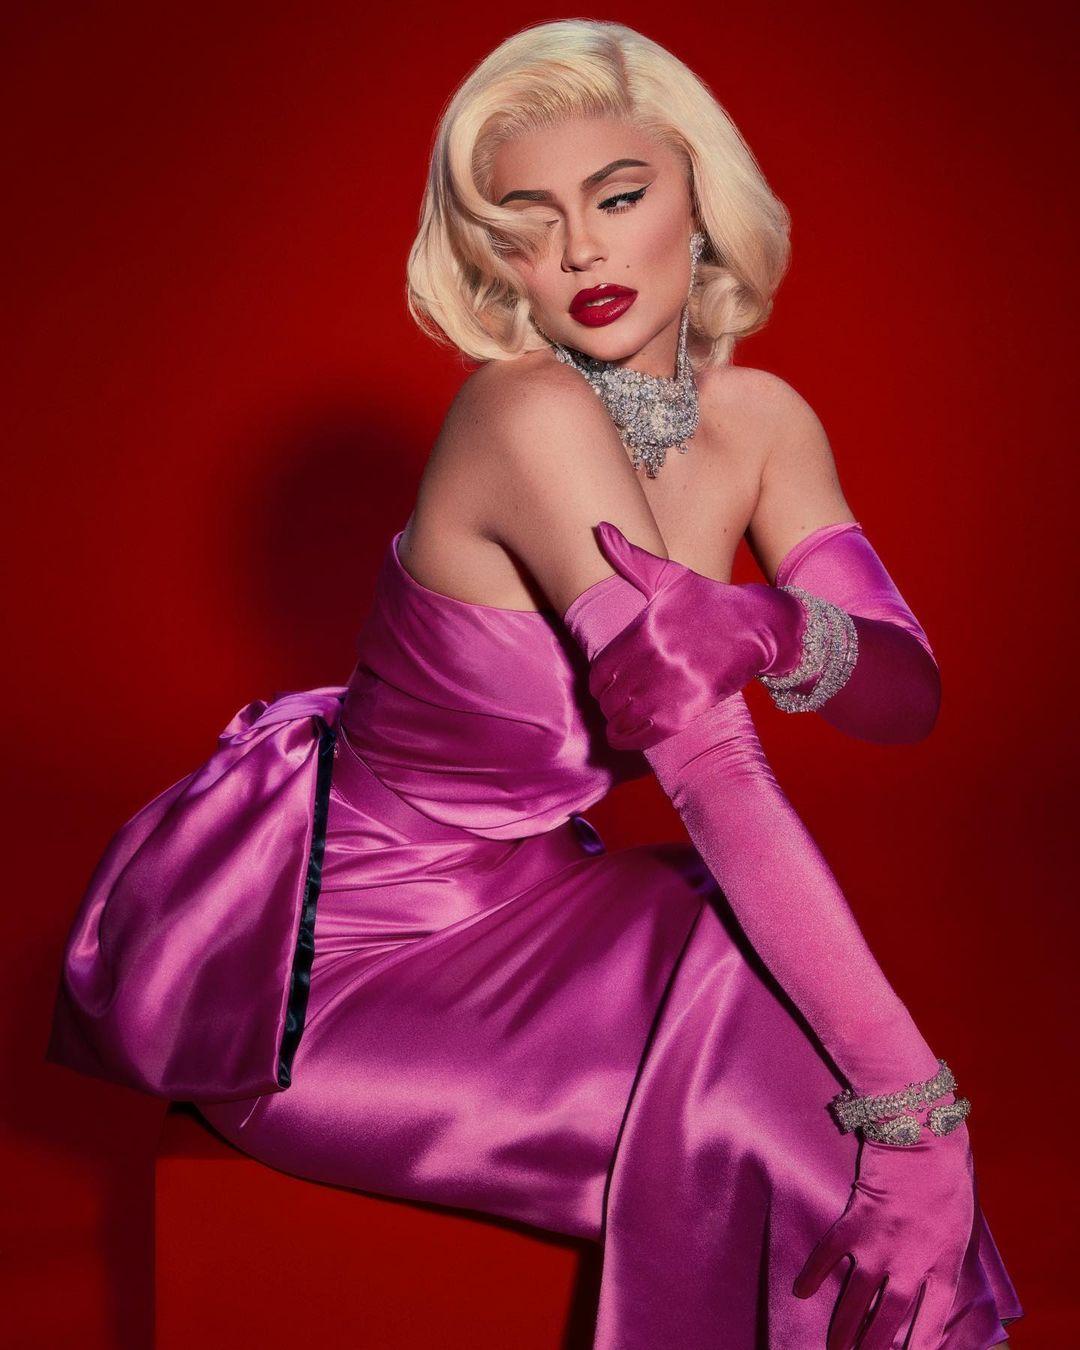 Kylie Marilyn Monroe